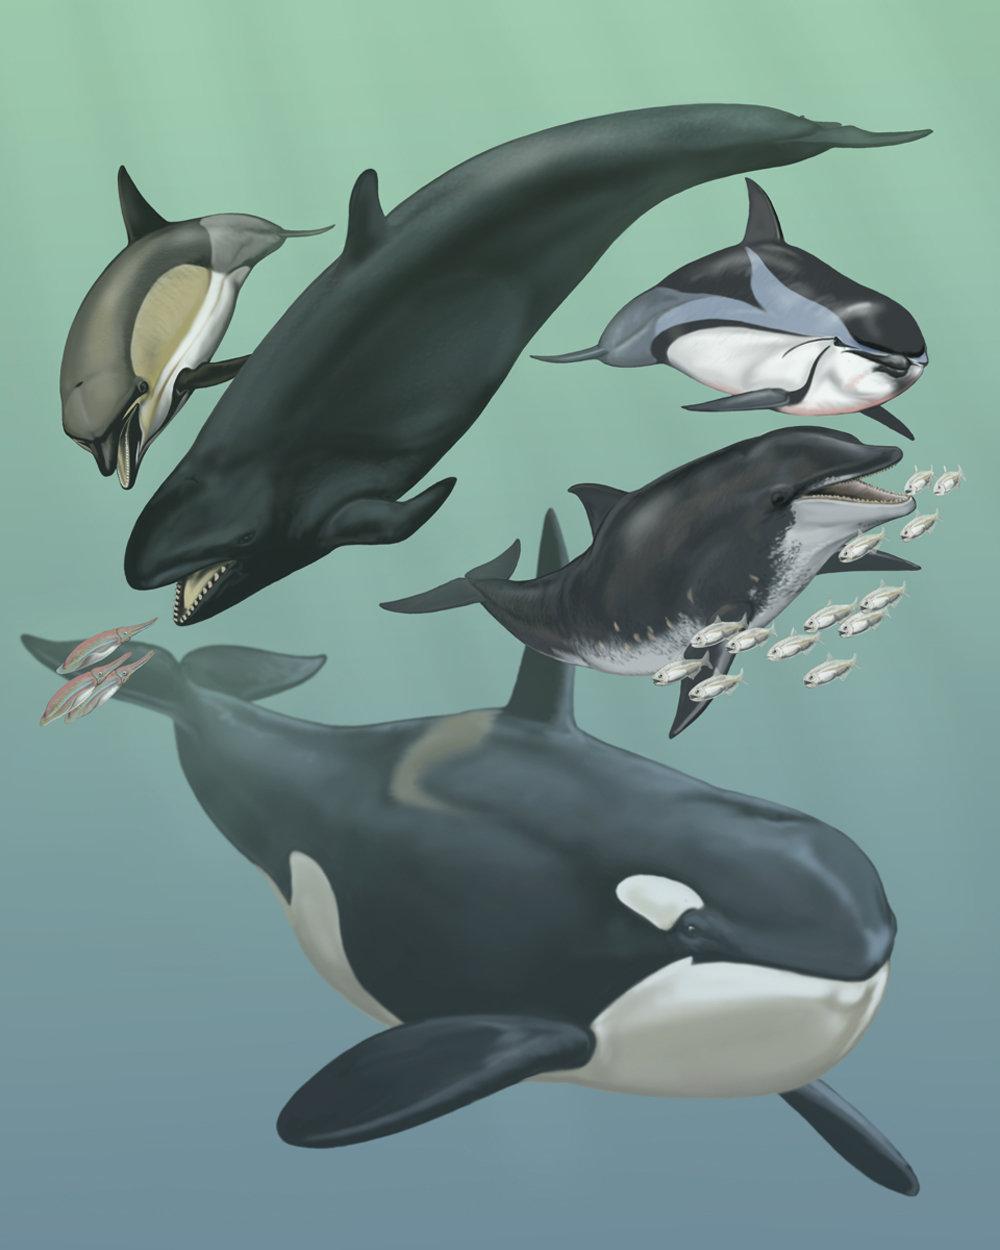 Wale und Delfine stammen von landlebenden Vorfahren ab. Für das Leben im Wasser waren manche ihrer Gene überflüssig.